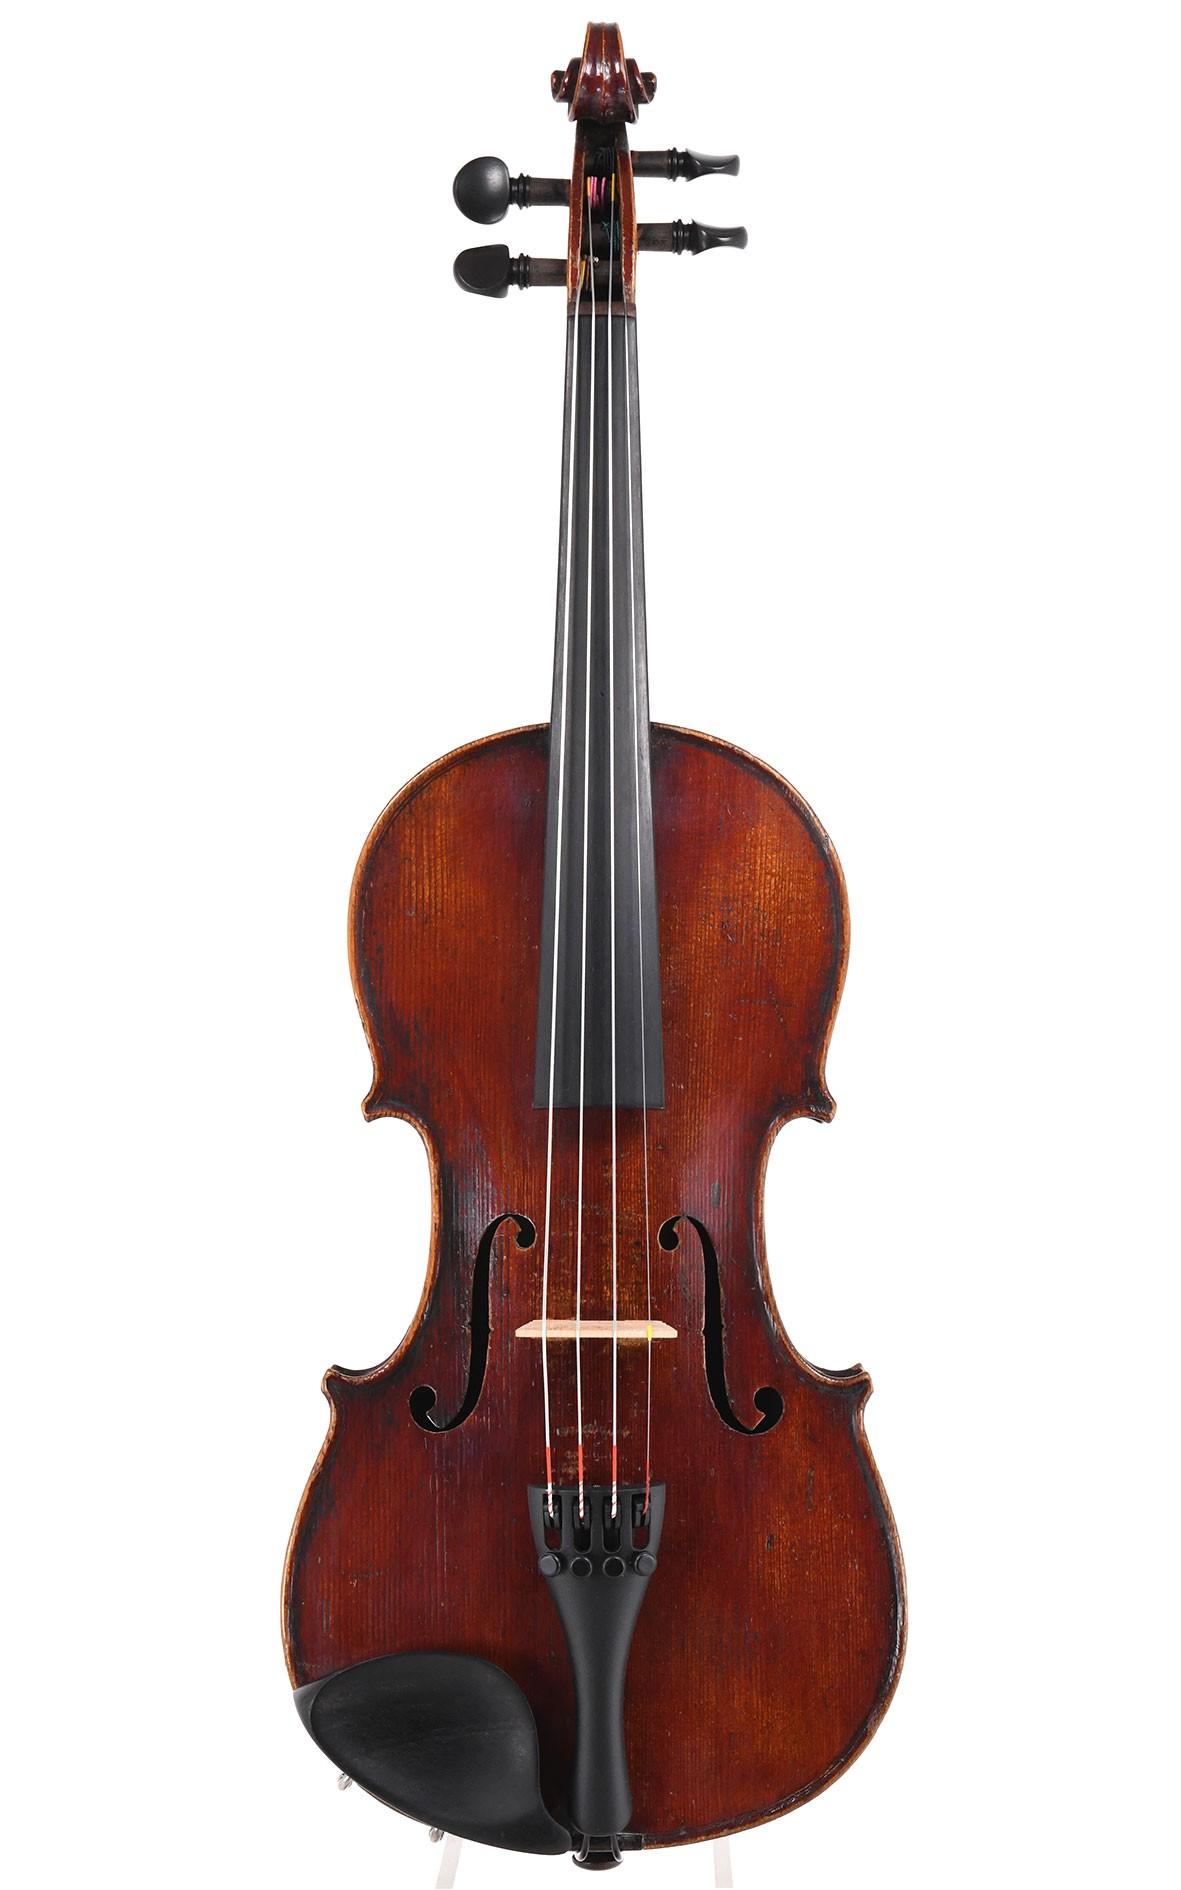 Neuner & Hornsteiner, feine 1/2 Geige gebaut um 1880